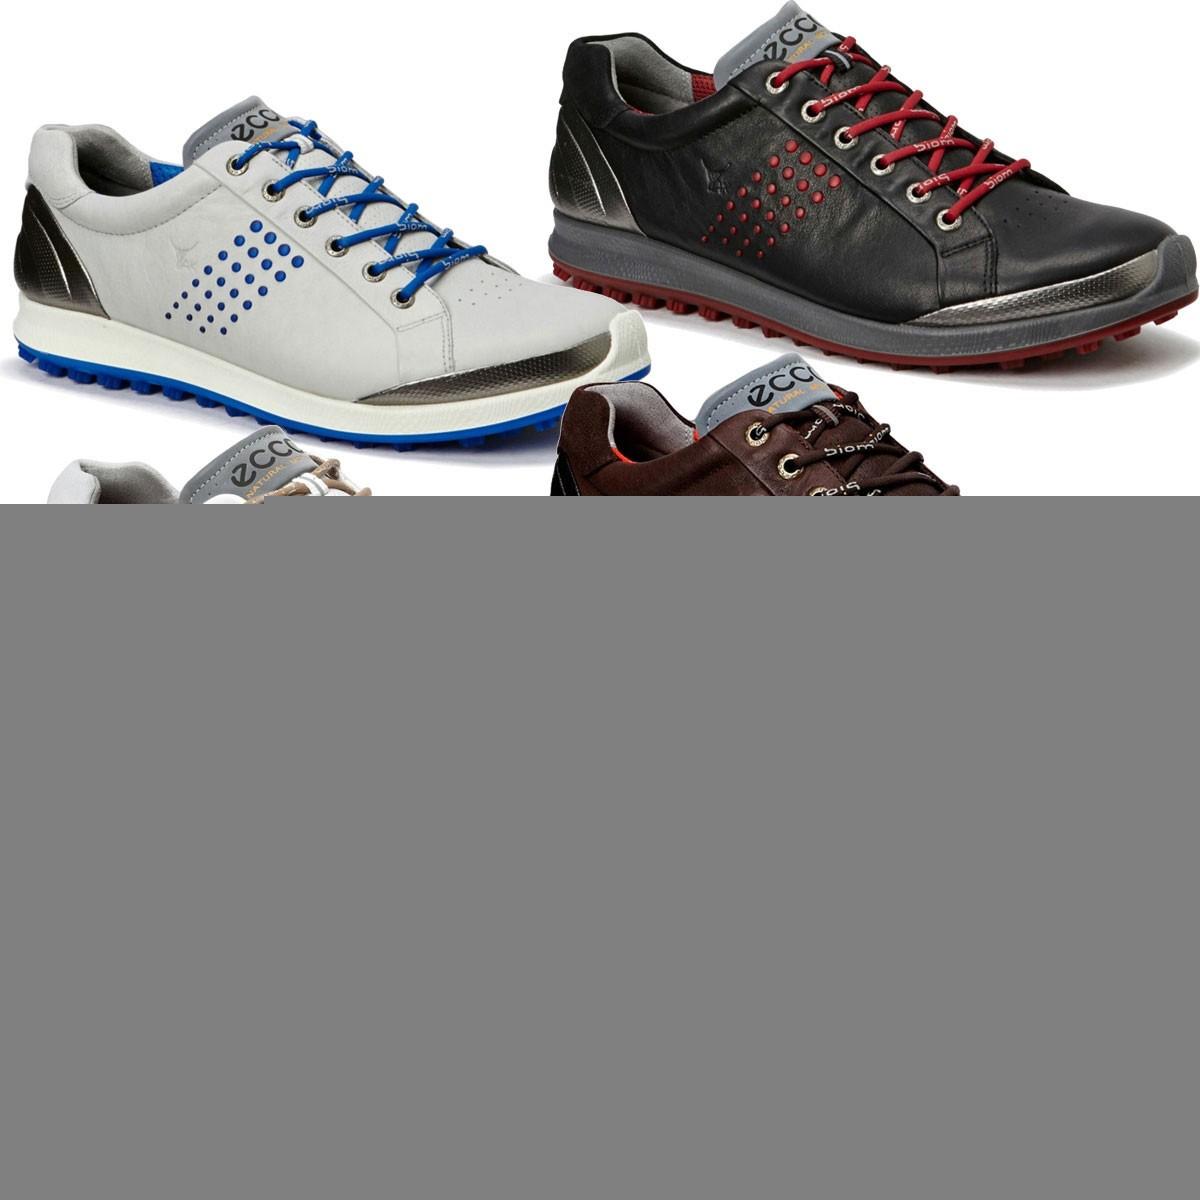 37b10872e6613f Tag Ecco Mens Biom Hydromax Hybrid Golf Shoes — waldon.protese-de ...